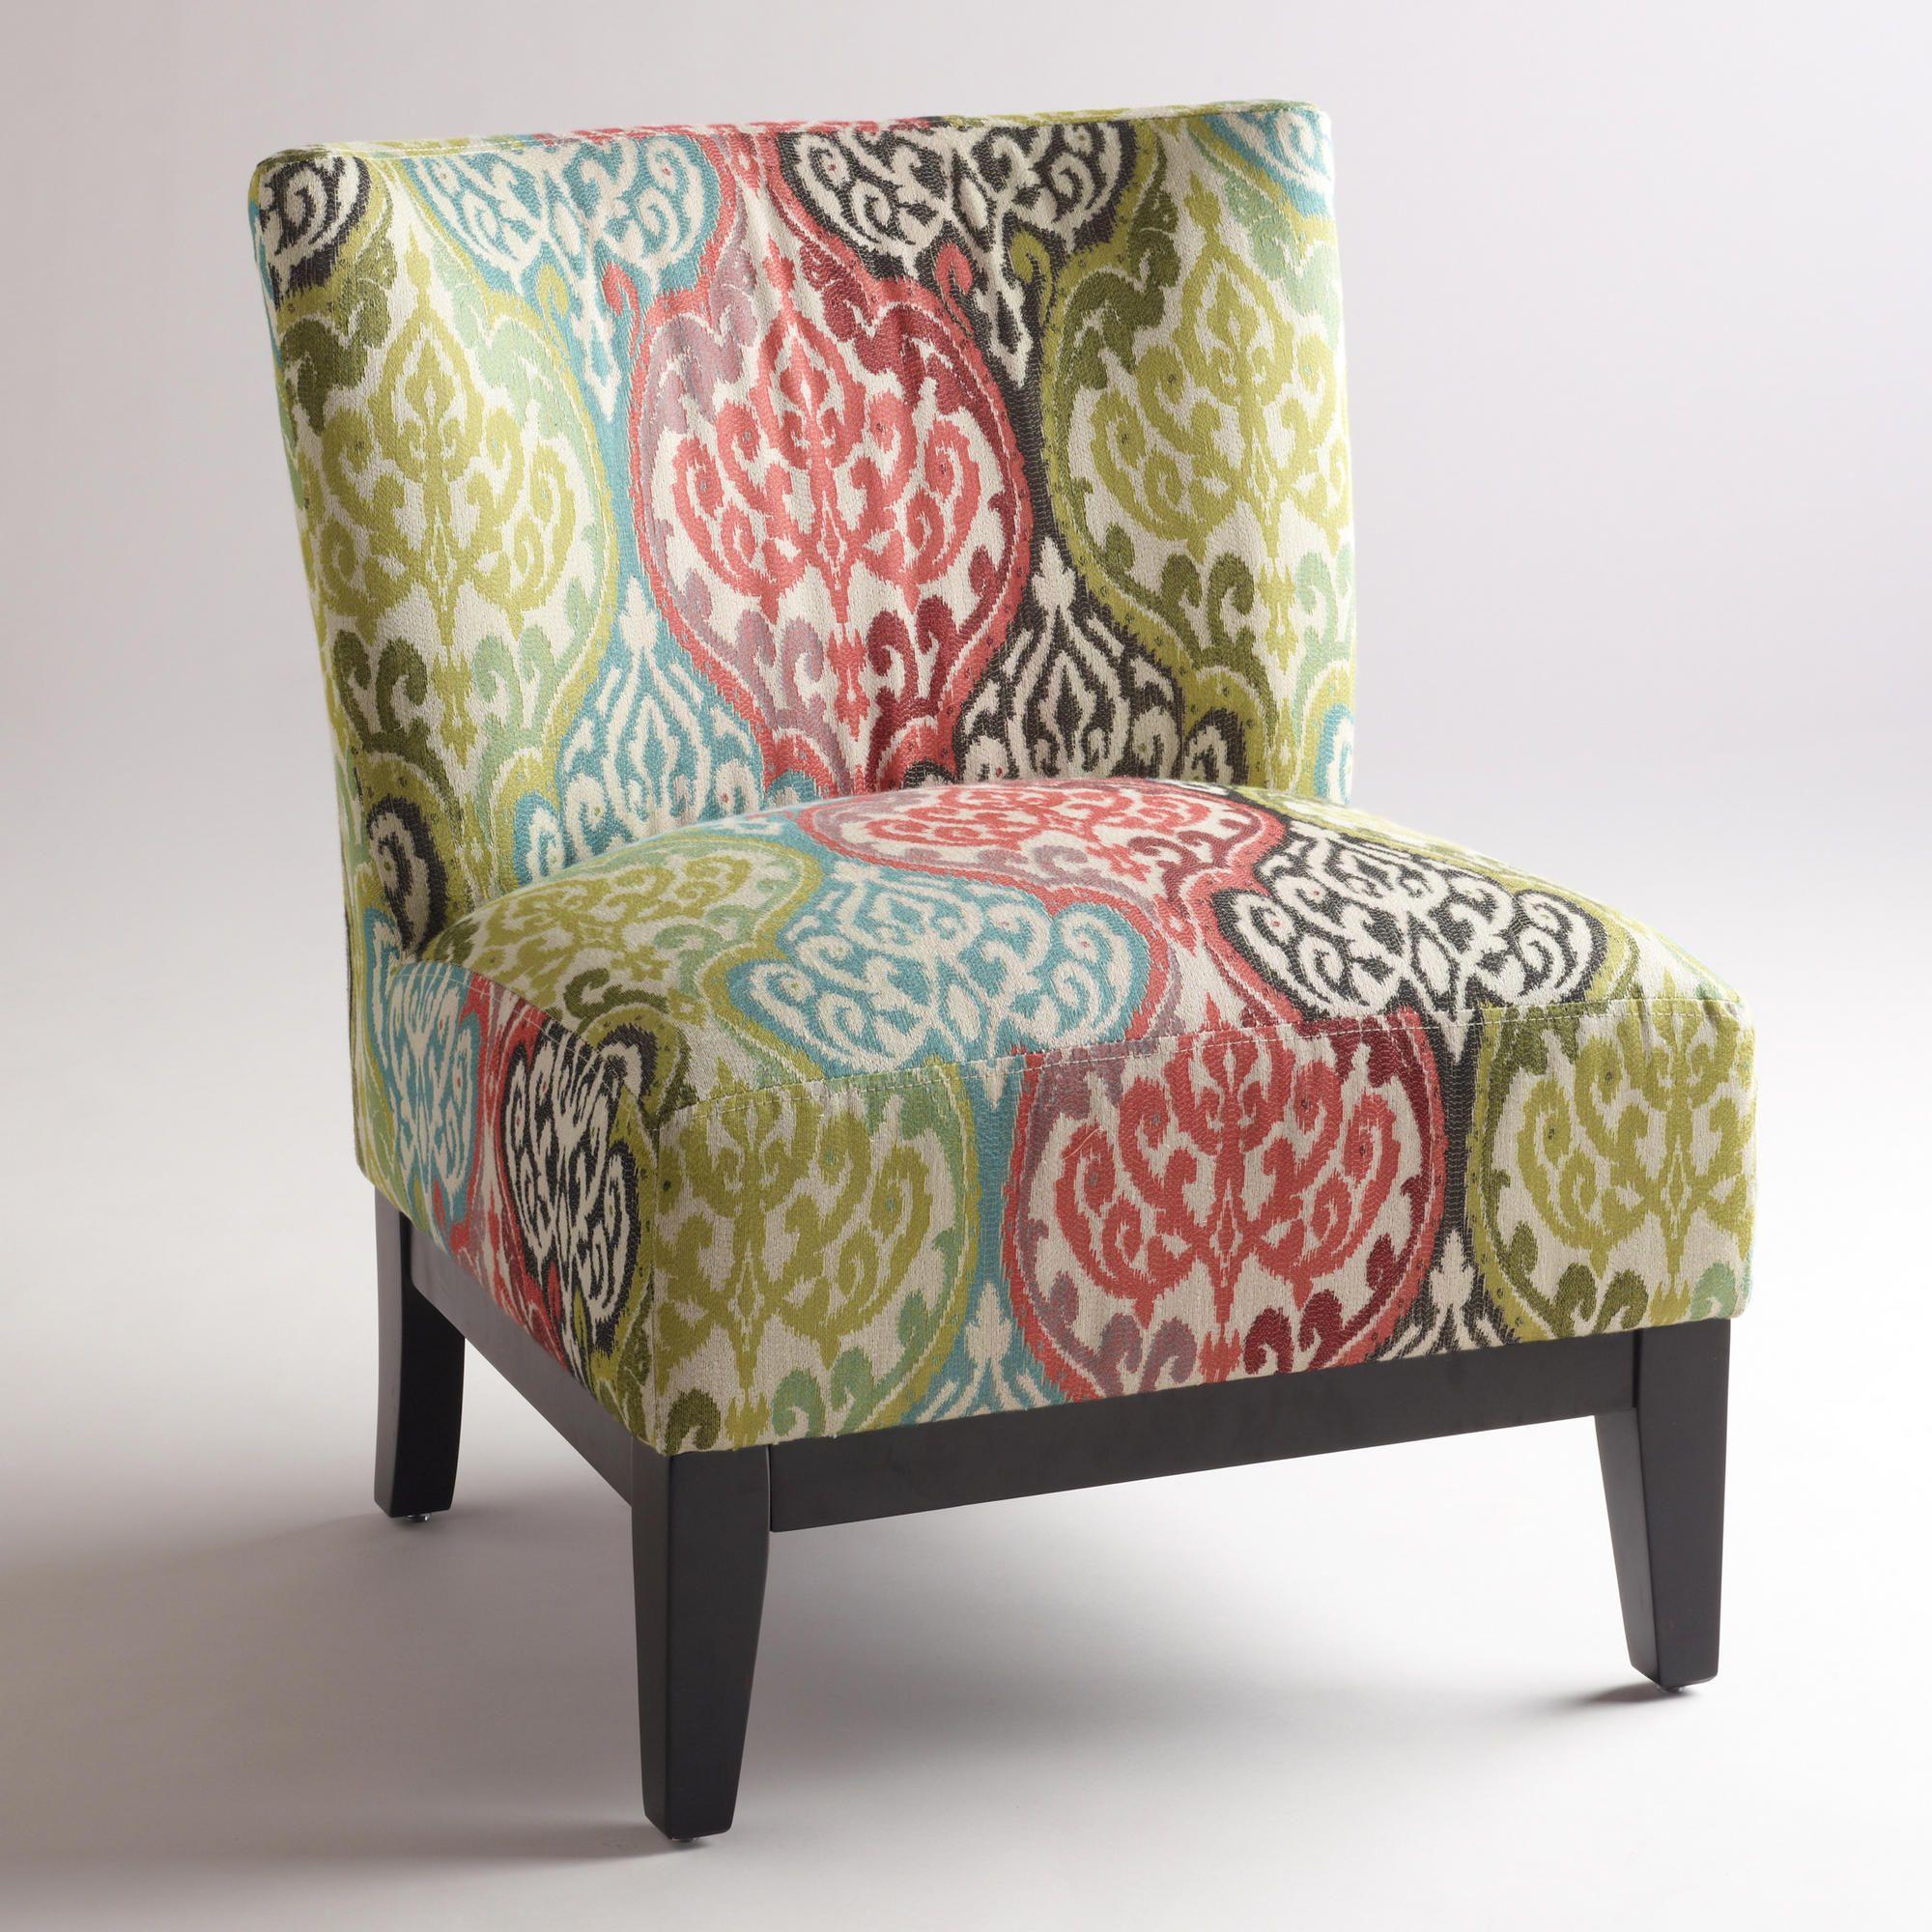 Rio Multicolored Ikat Darby Chair Rio Multicolored Ikat Darby Chair | World  Market